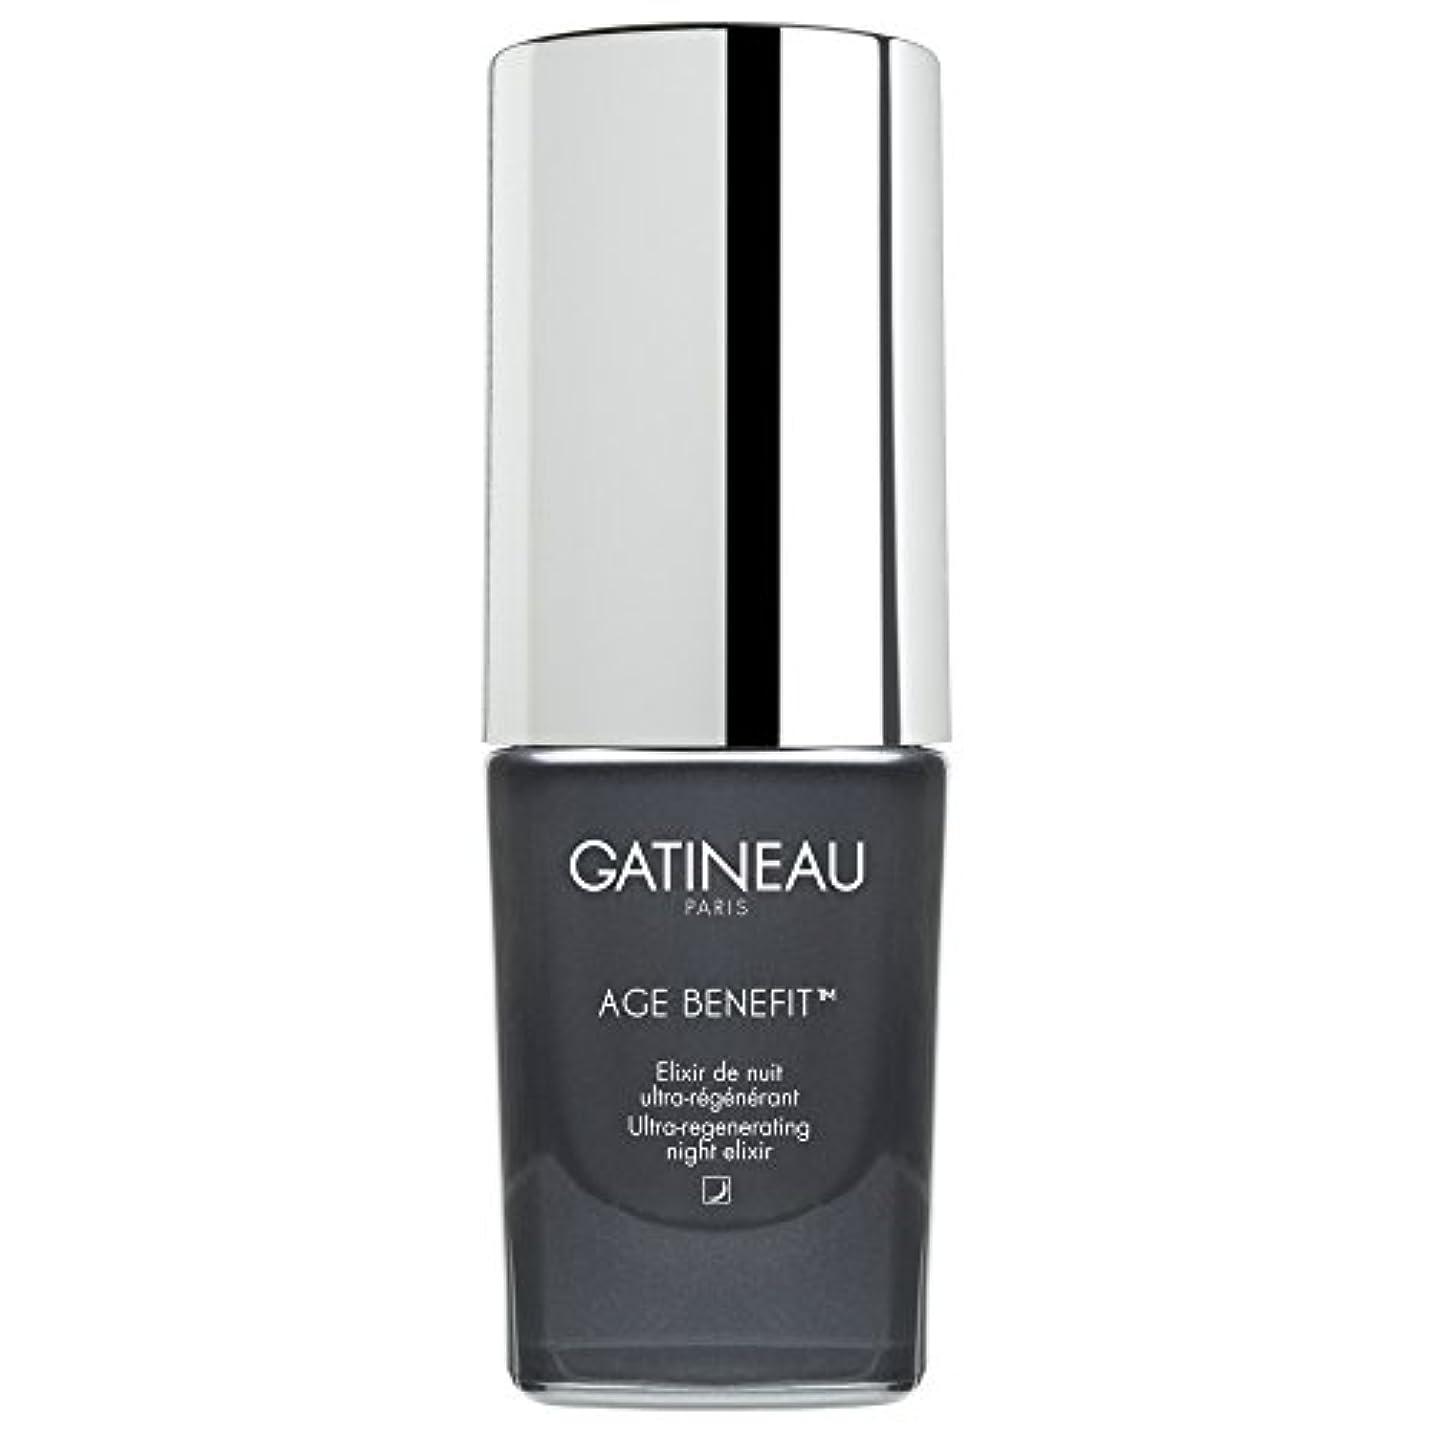 排泄物進む二週間ガティノー年齢給付超再生夜のエリクシルの15ミリリットル (Gatineau) (x6) - Gatineau Age Benefit Ultra-Regenerating Night Elixir 15ml (Pack...